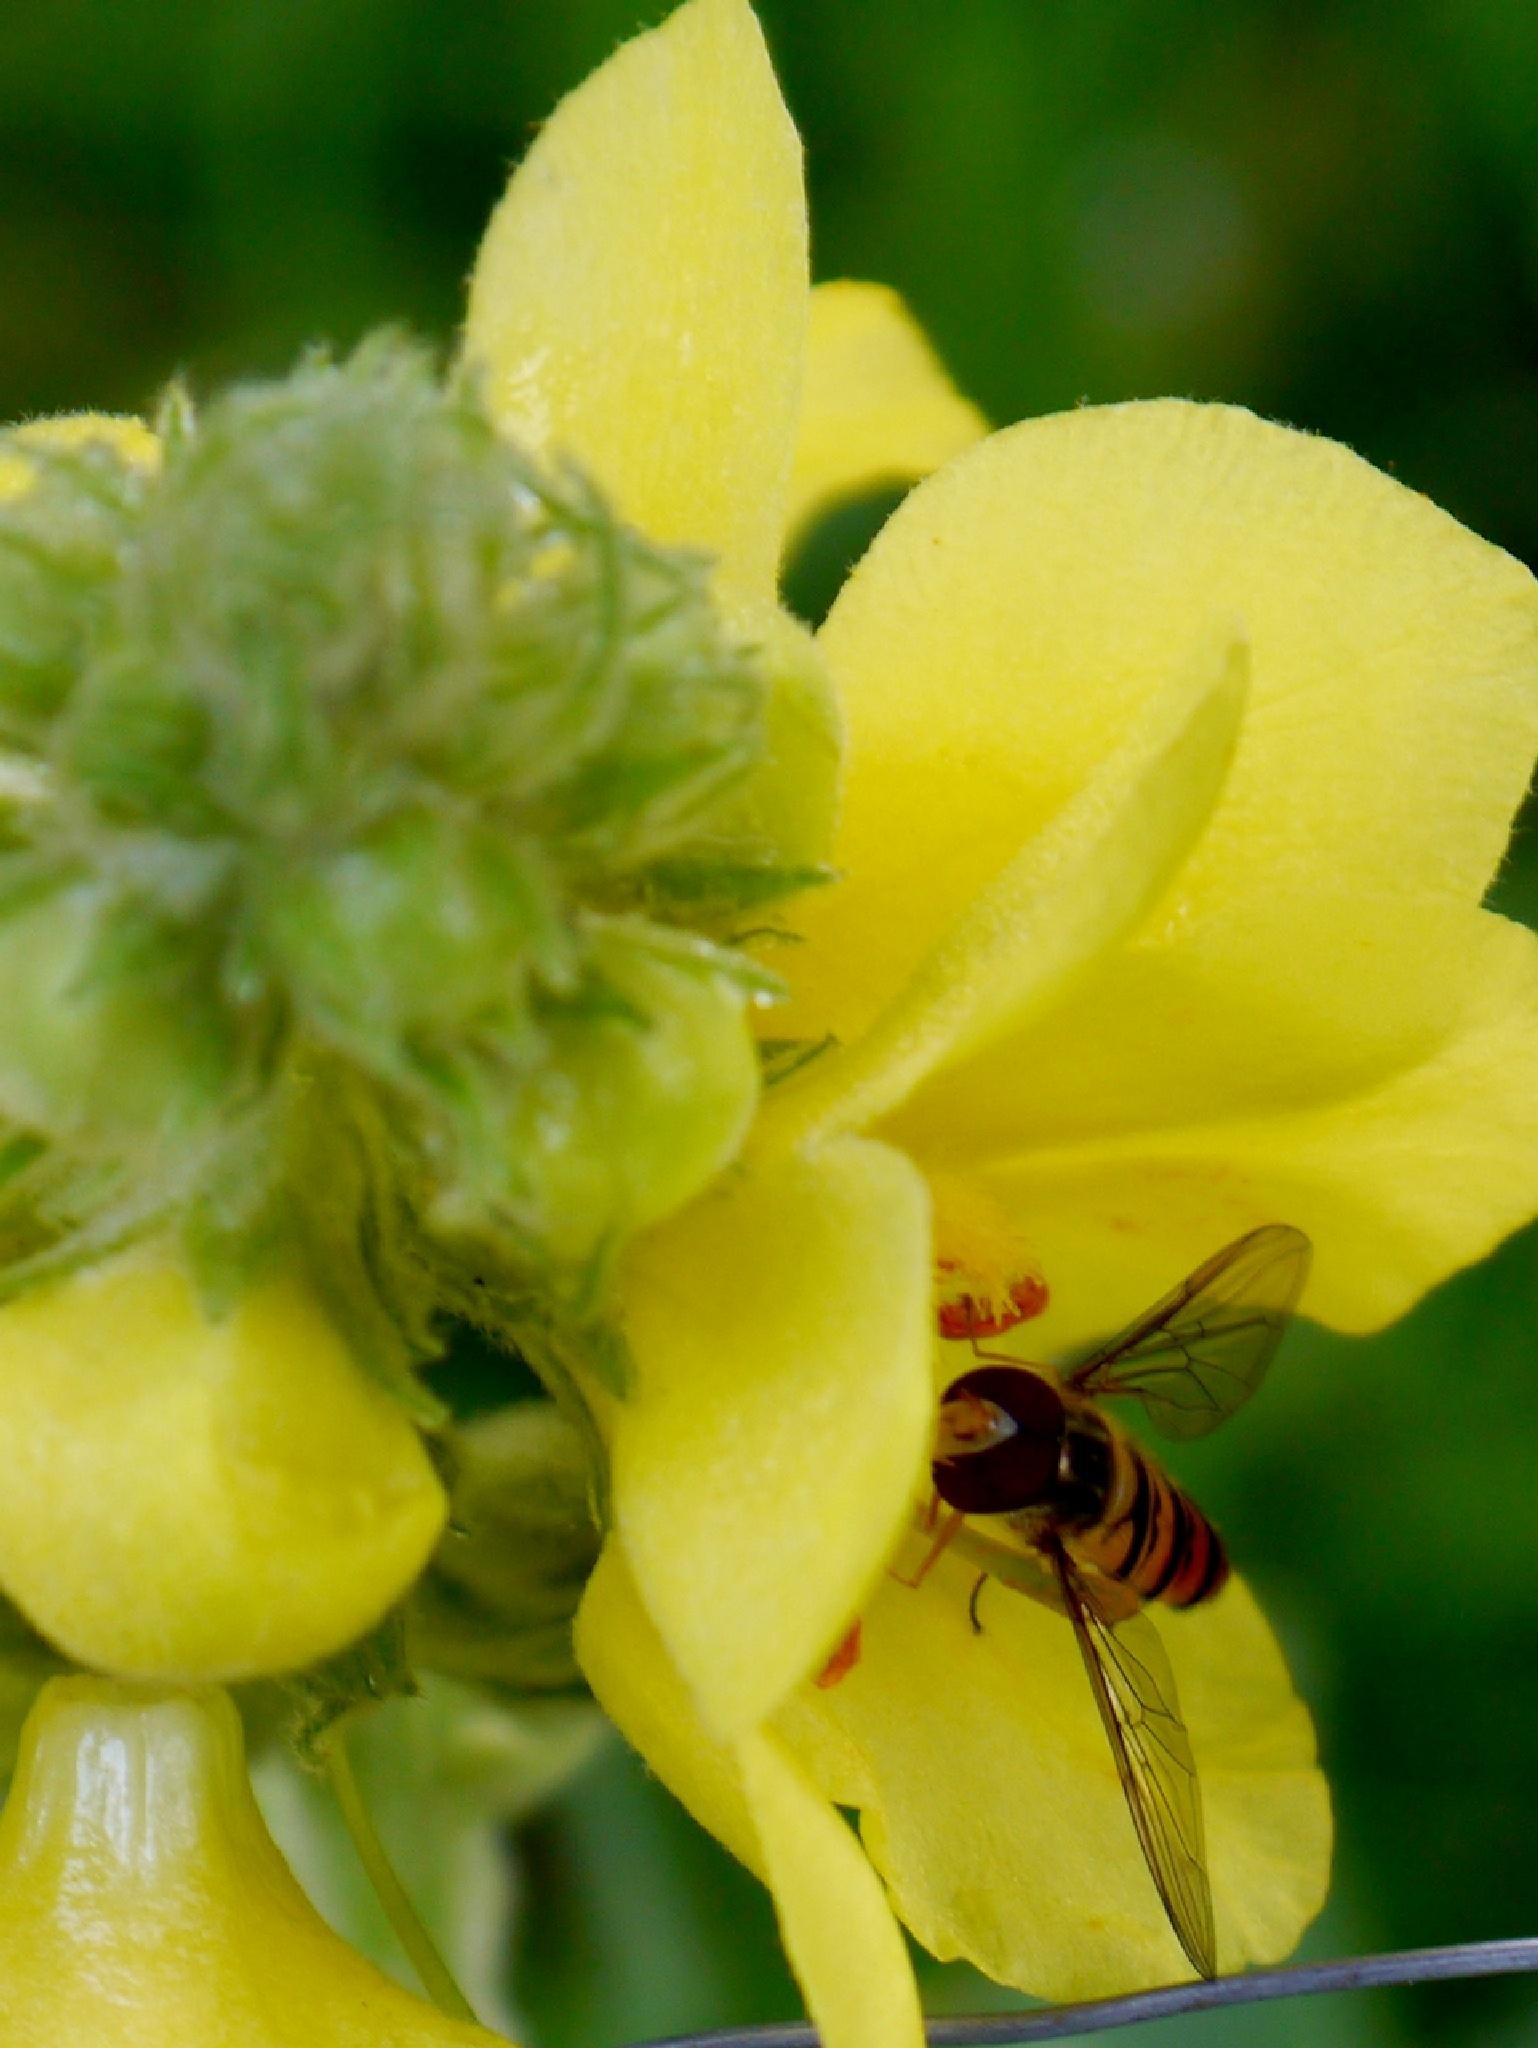 flowers and insects by Zbigniew Włodarski